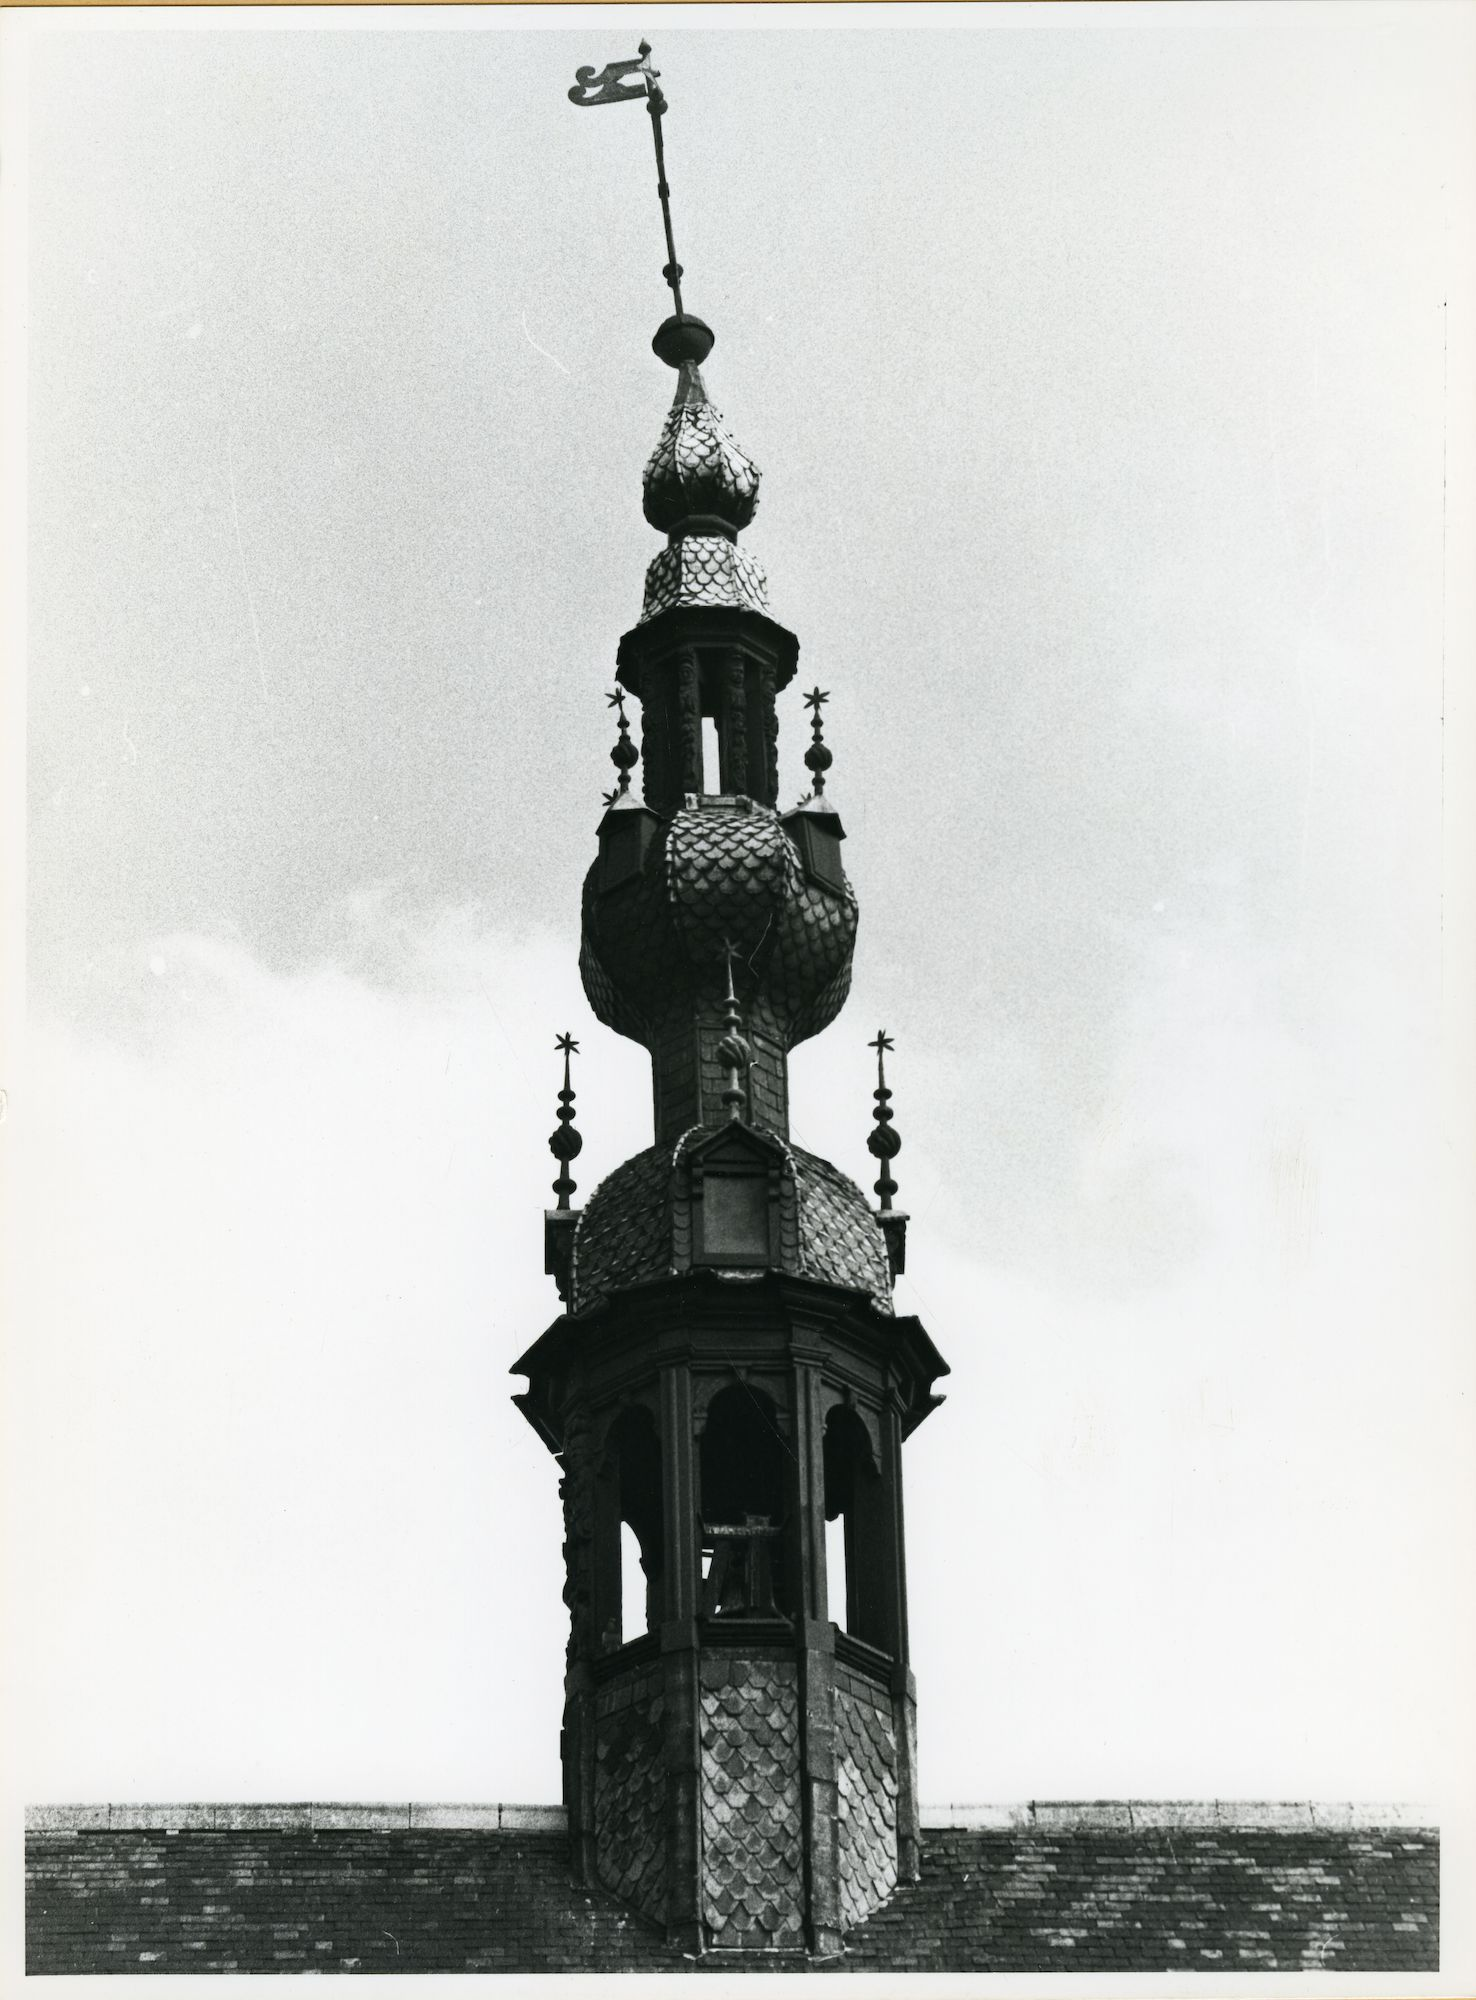 Gent: Oude Houtlei: Toren